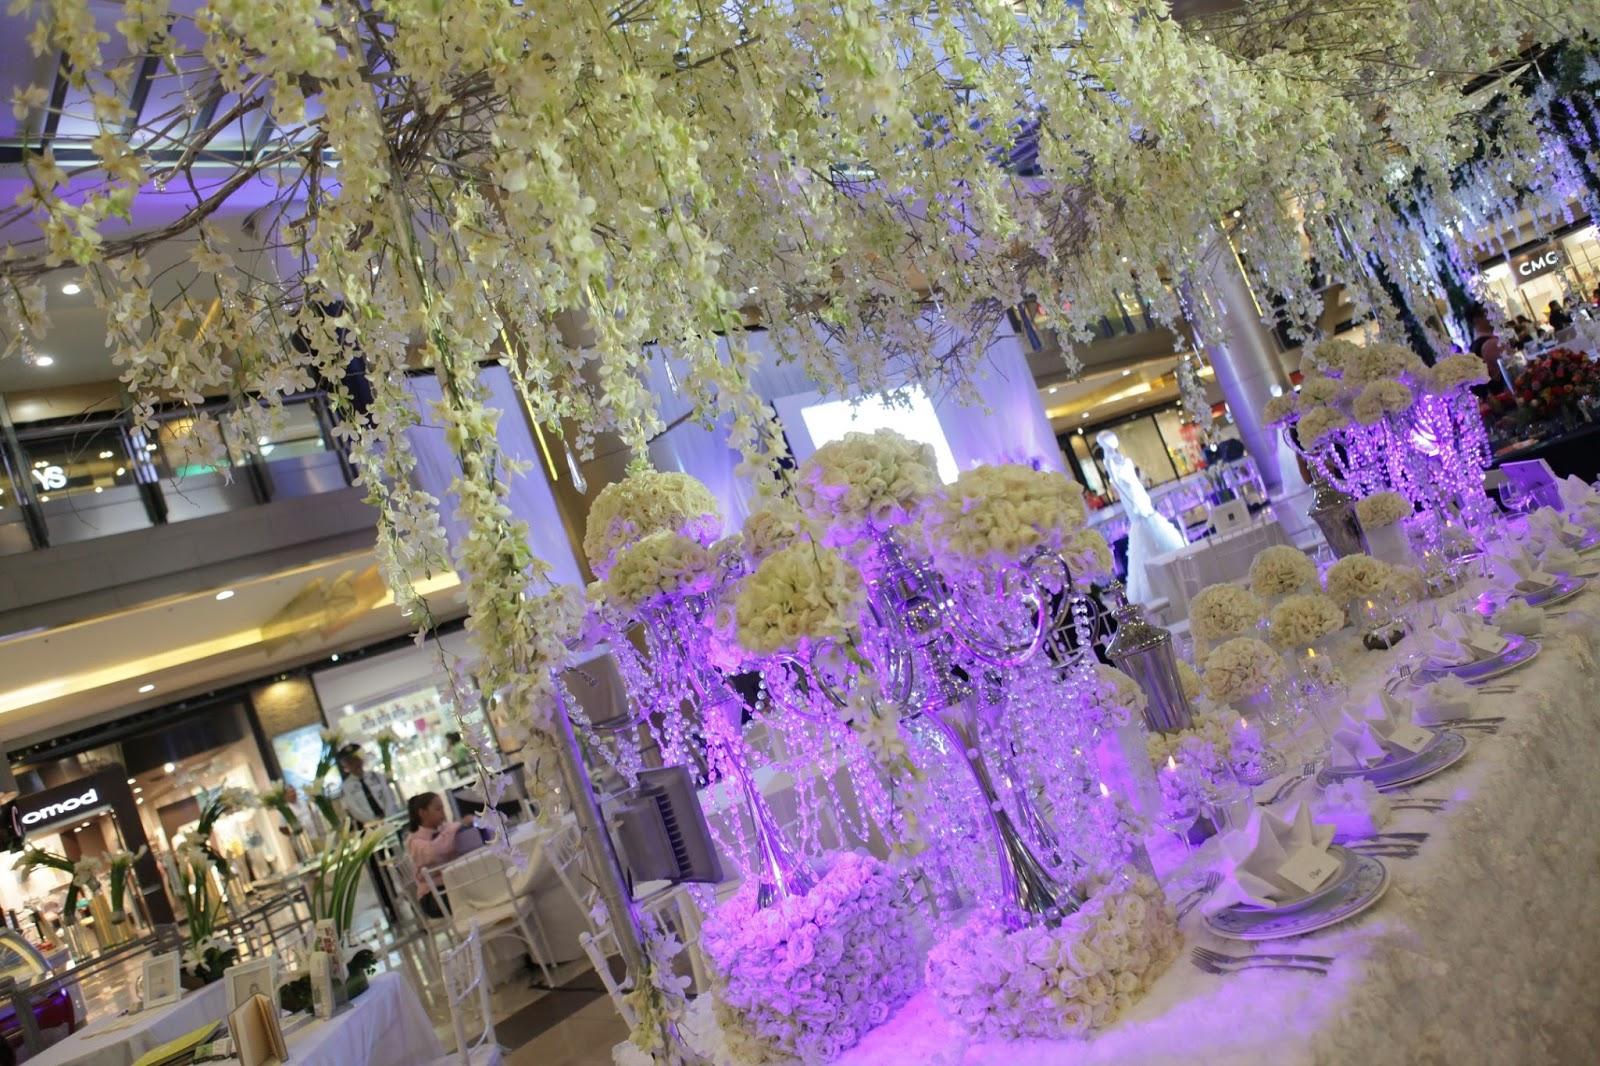 Weddings At The Blu: A Bridal Fair By Radisson Blu Cebu